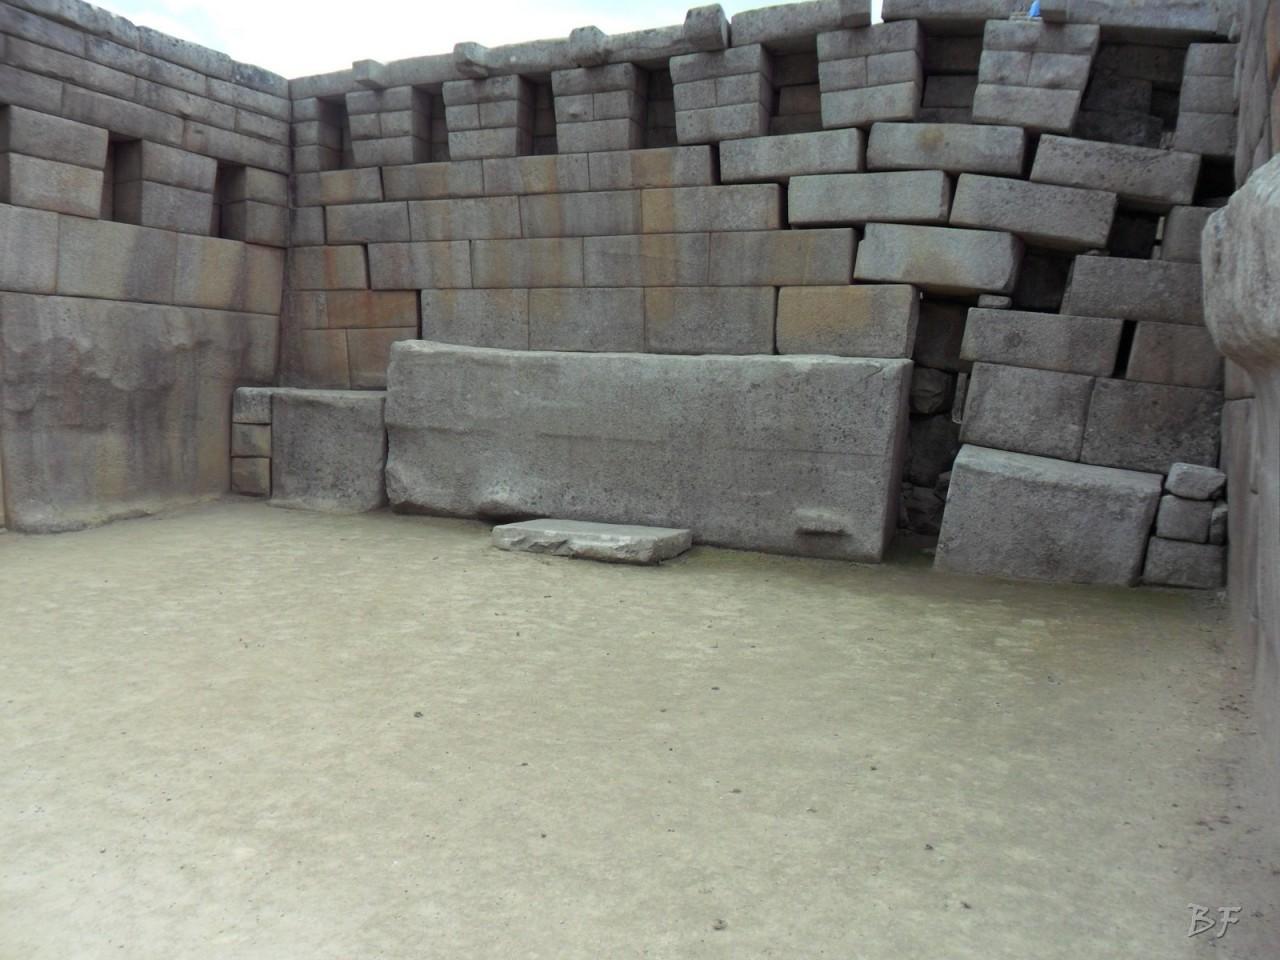 Mura-Poligonali-Incisioni-Altari-Edifici-Rupestri-Megaliti-Machu-Picchu-Aguas-Calientes-Urubamba-Cusco-Perù-108